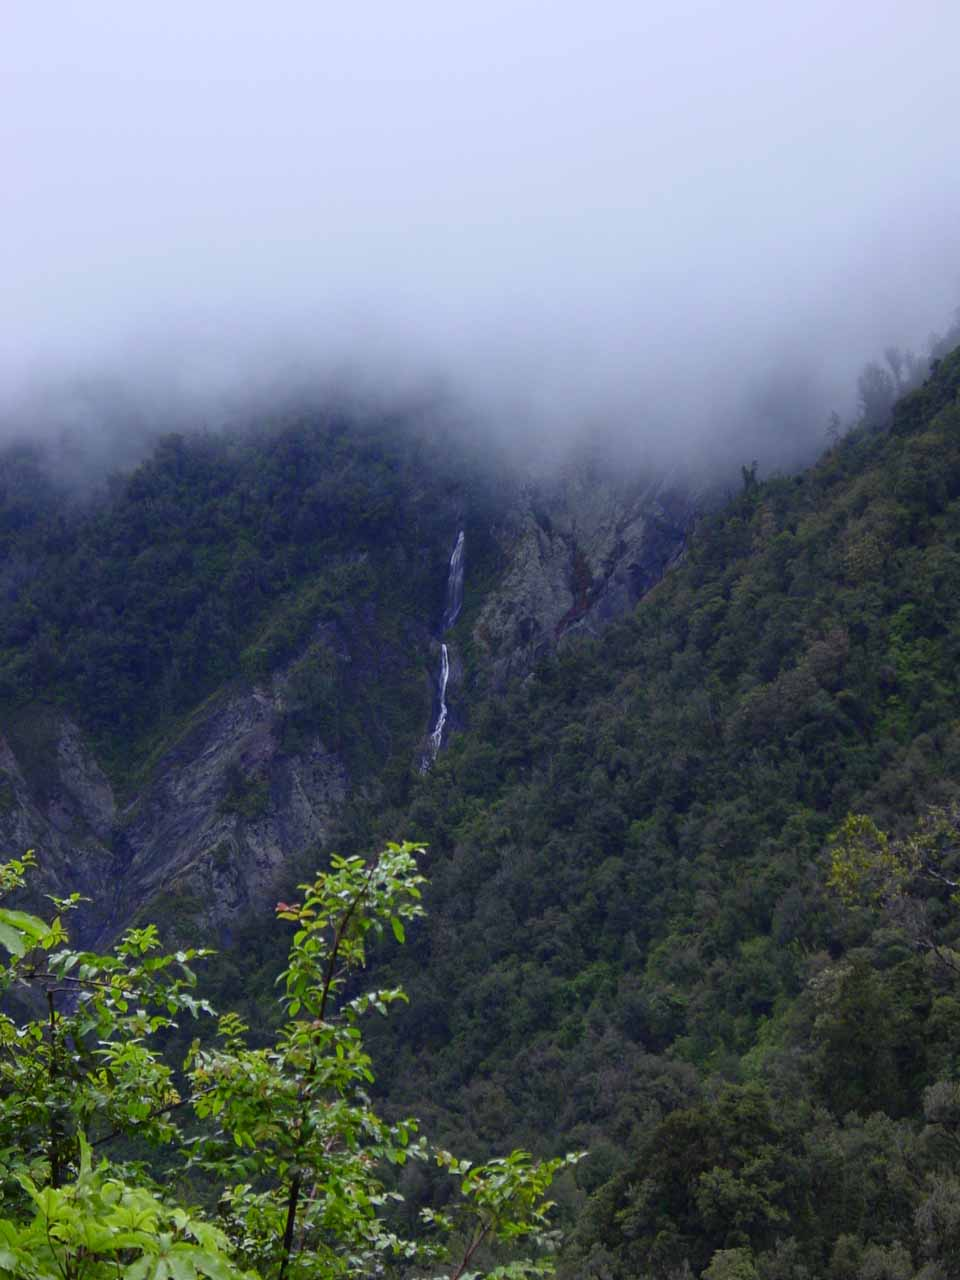 An ephemeral waterfall seen along Hwy 6 between Franz and Fox